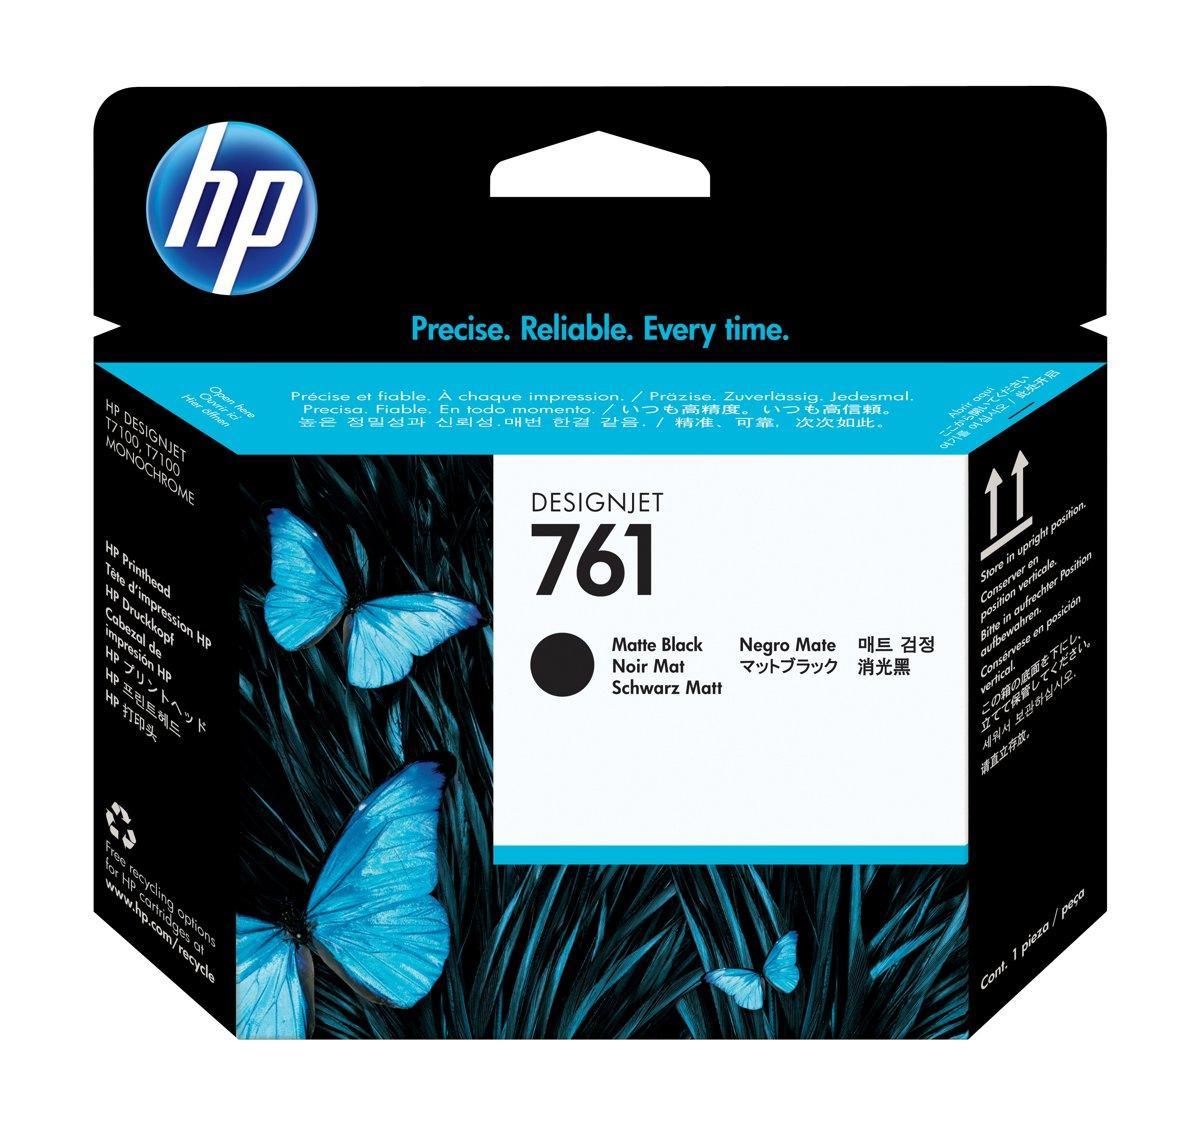 HP CH648A Matte Black and Matte Black Inkjet Printhead №761